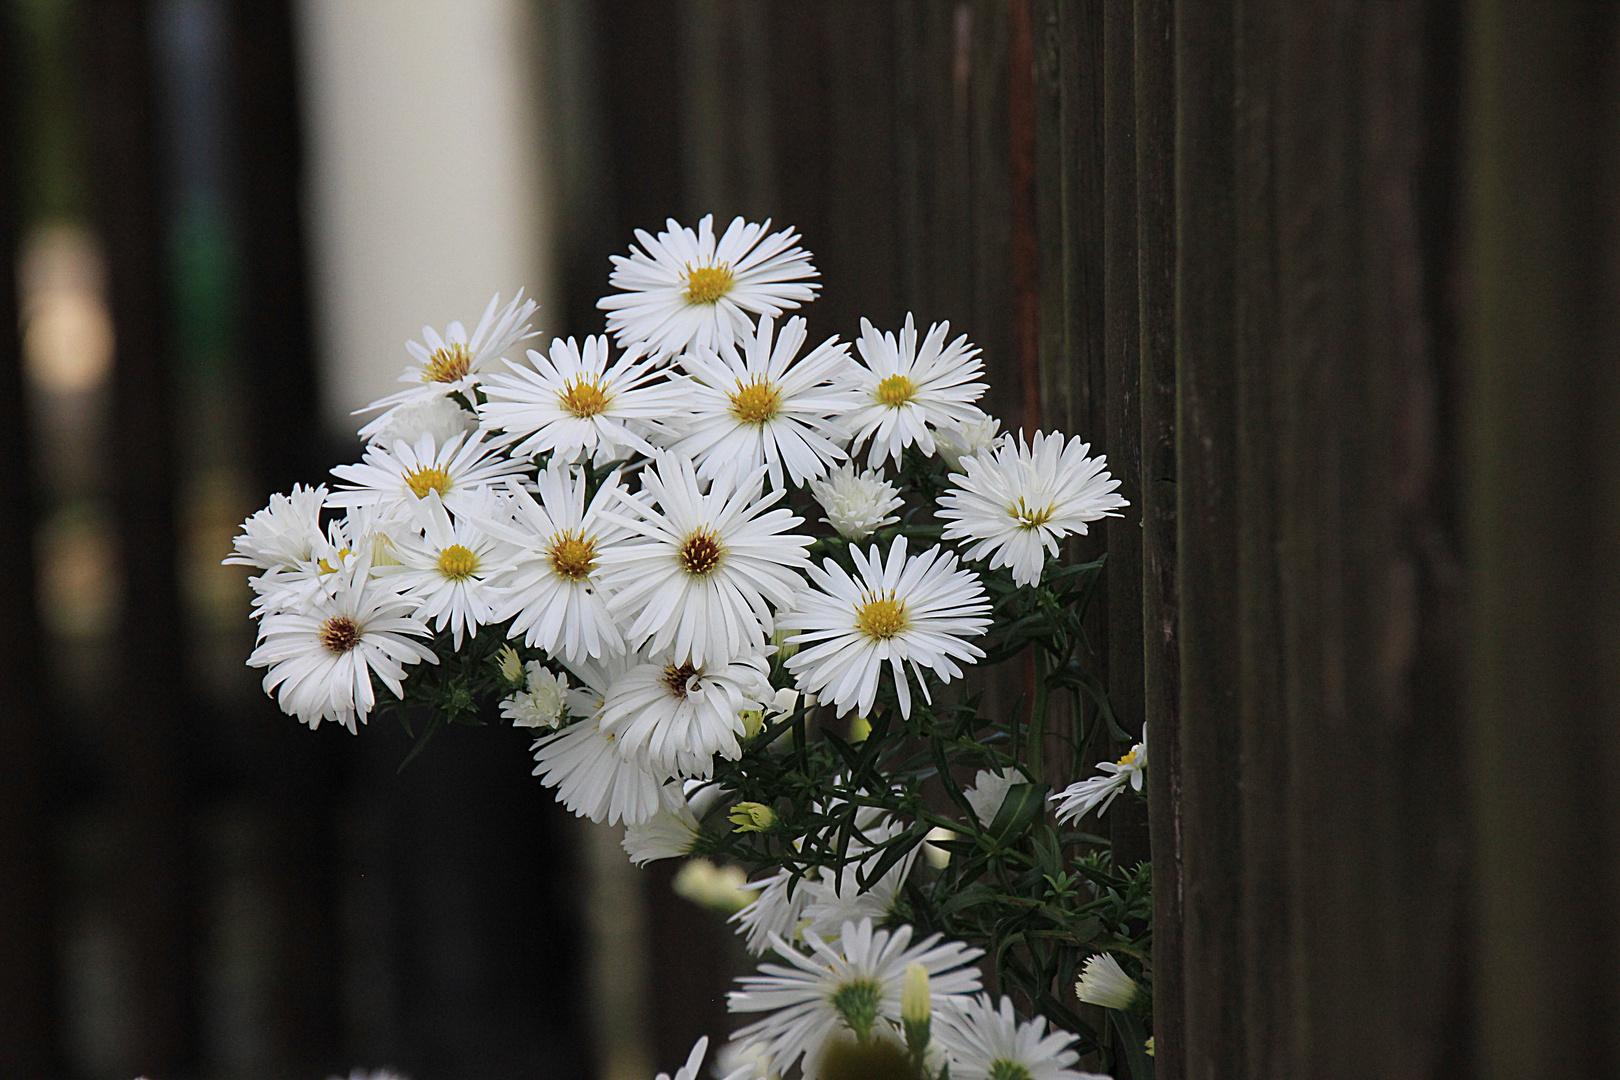 Herbstgruß in weiß